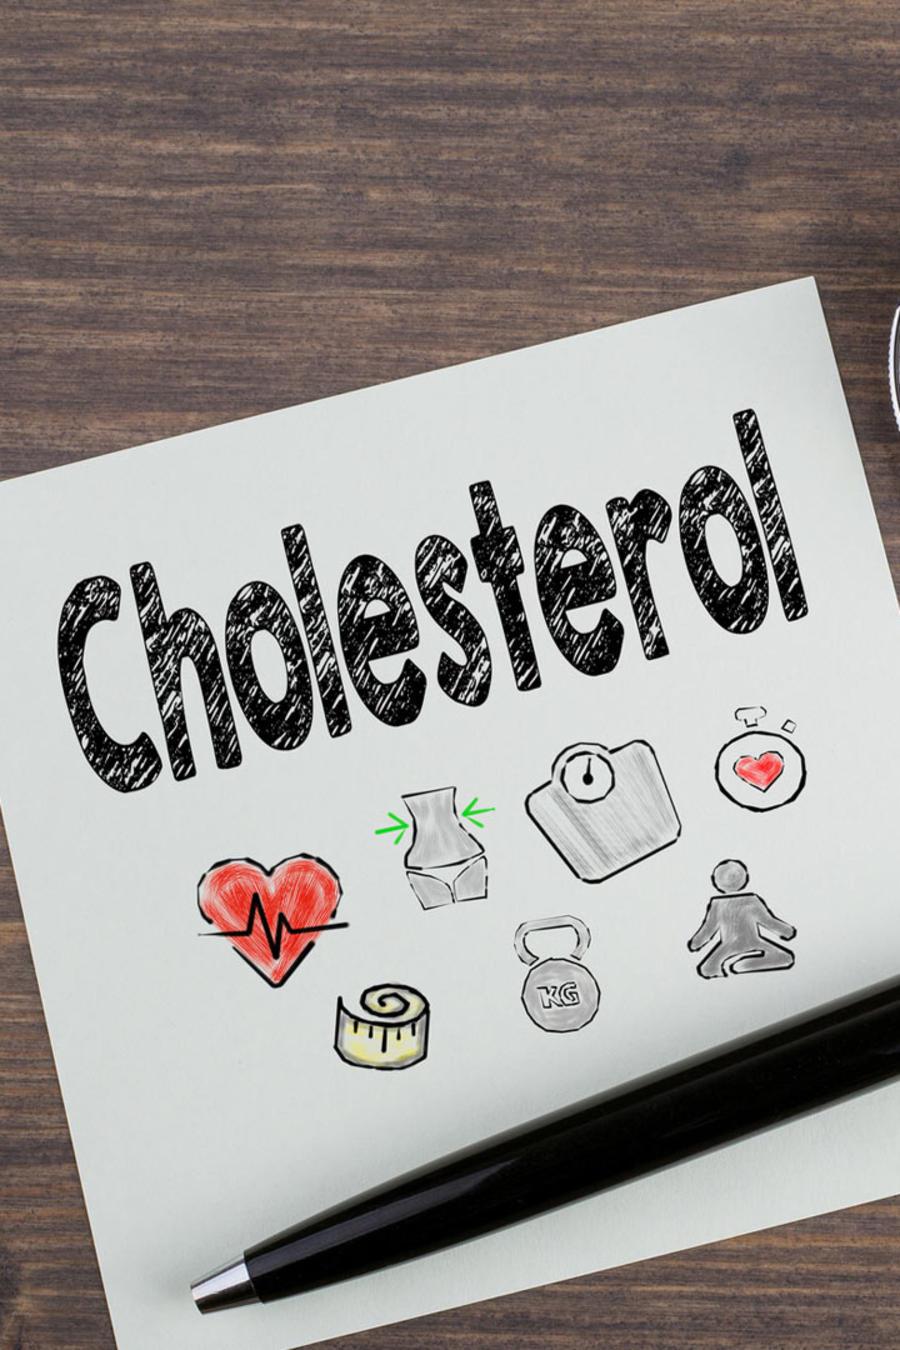 Apunte sobre el colesterol y elementos de trabajo médico